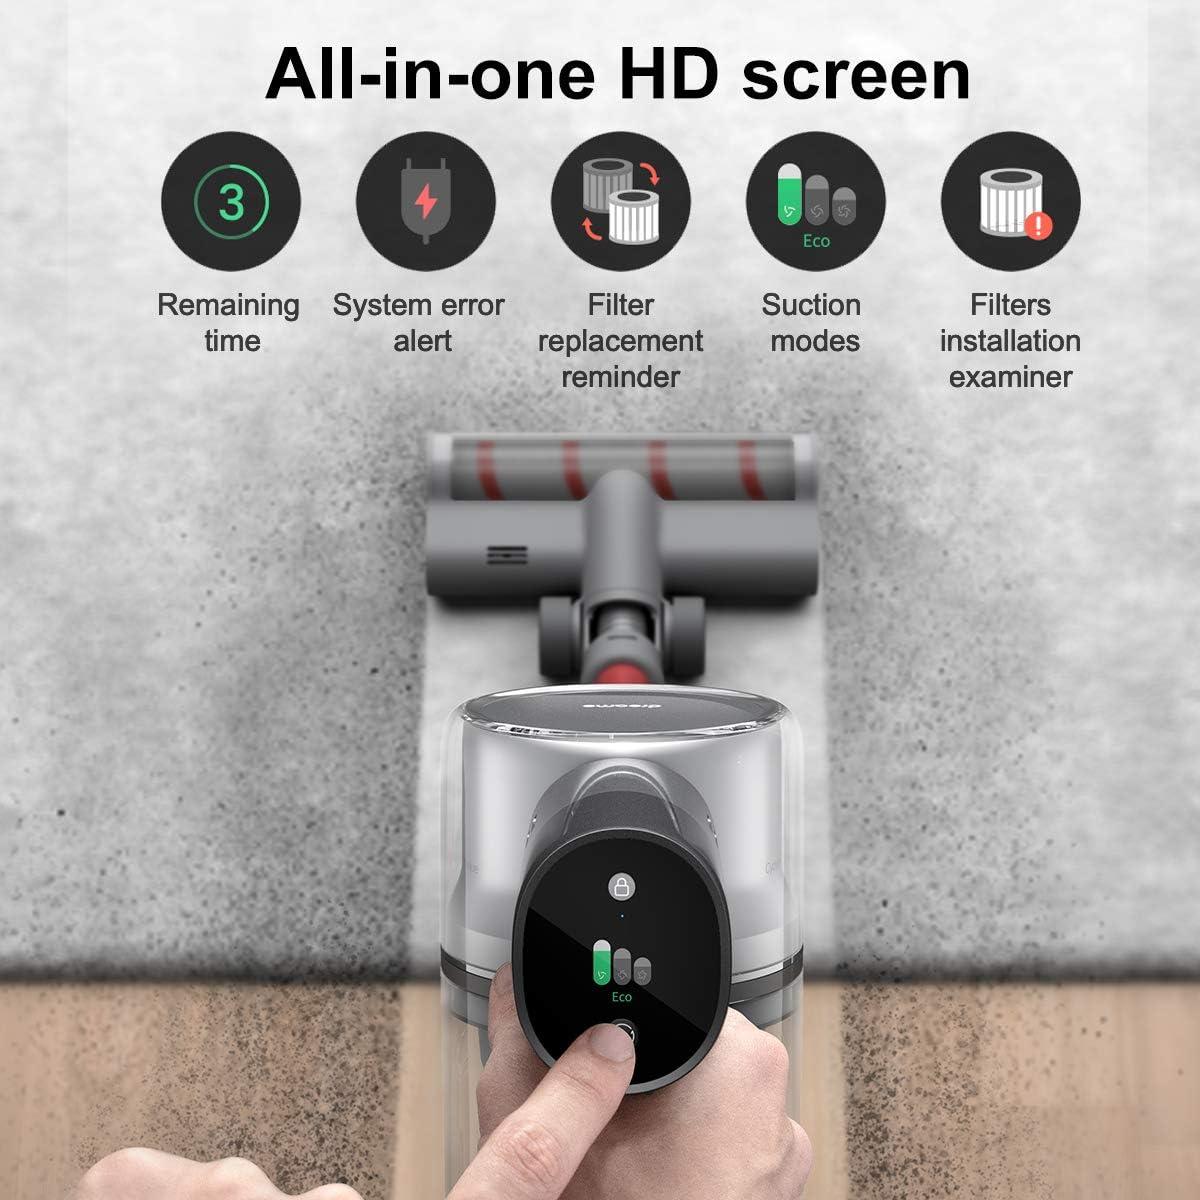 Dreame T20 Akku-Staubsauger leistungsstarke Saugleistung von 25.000 Pa Arbeitszeit bis zu 70 Minuten Akku-Handstaubsauger Ger/äuscharm Intelligenter Vollfarbbildschirm